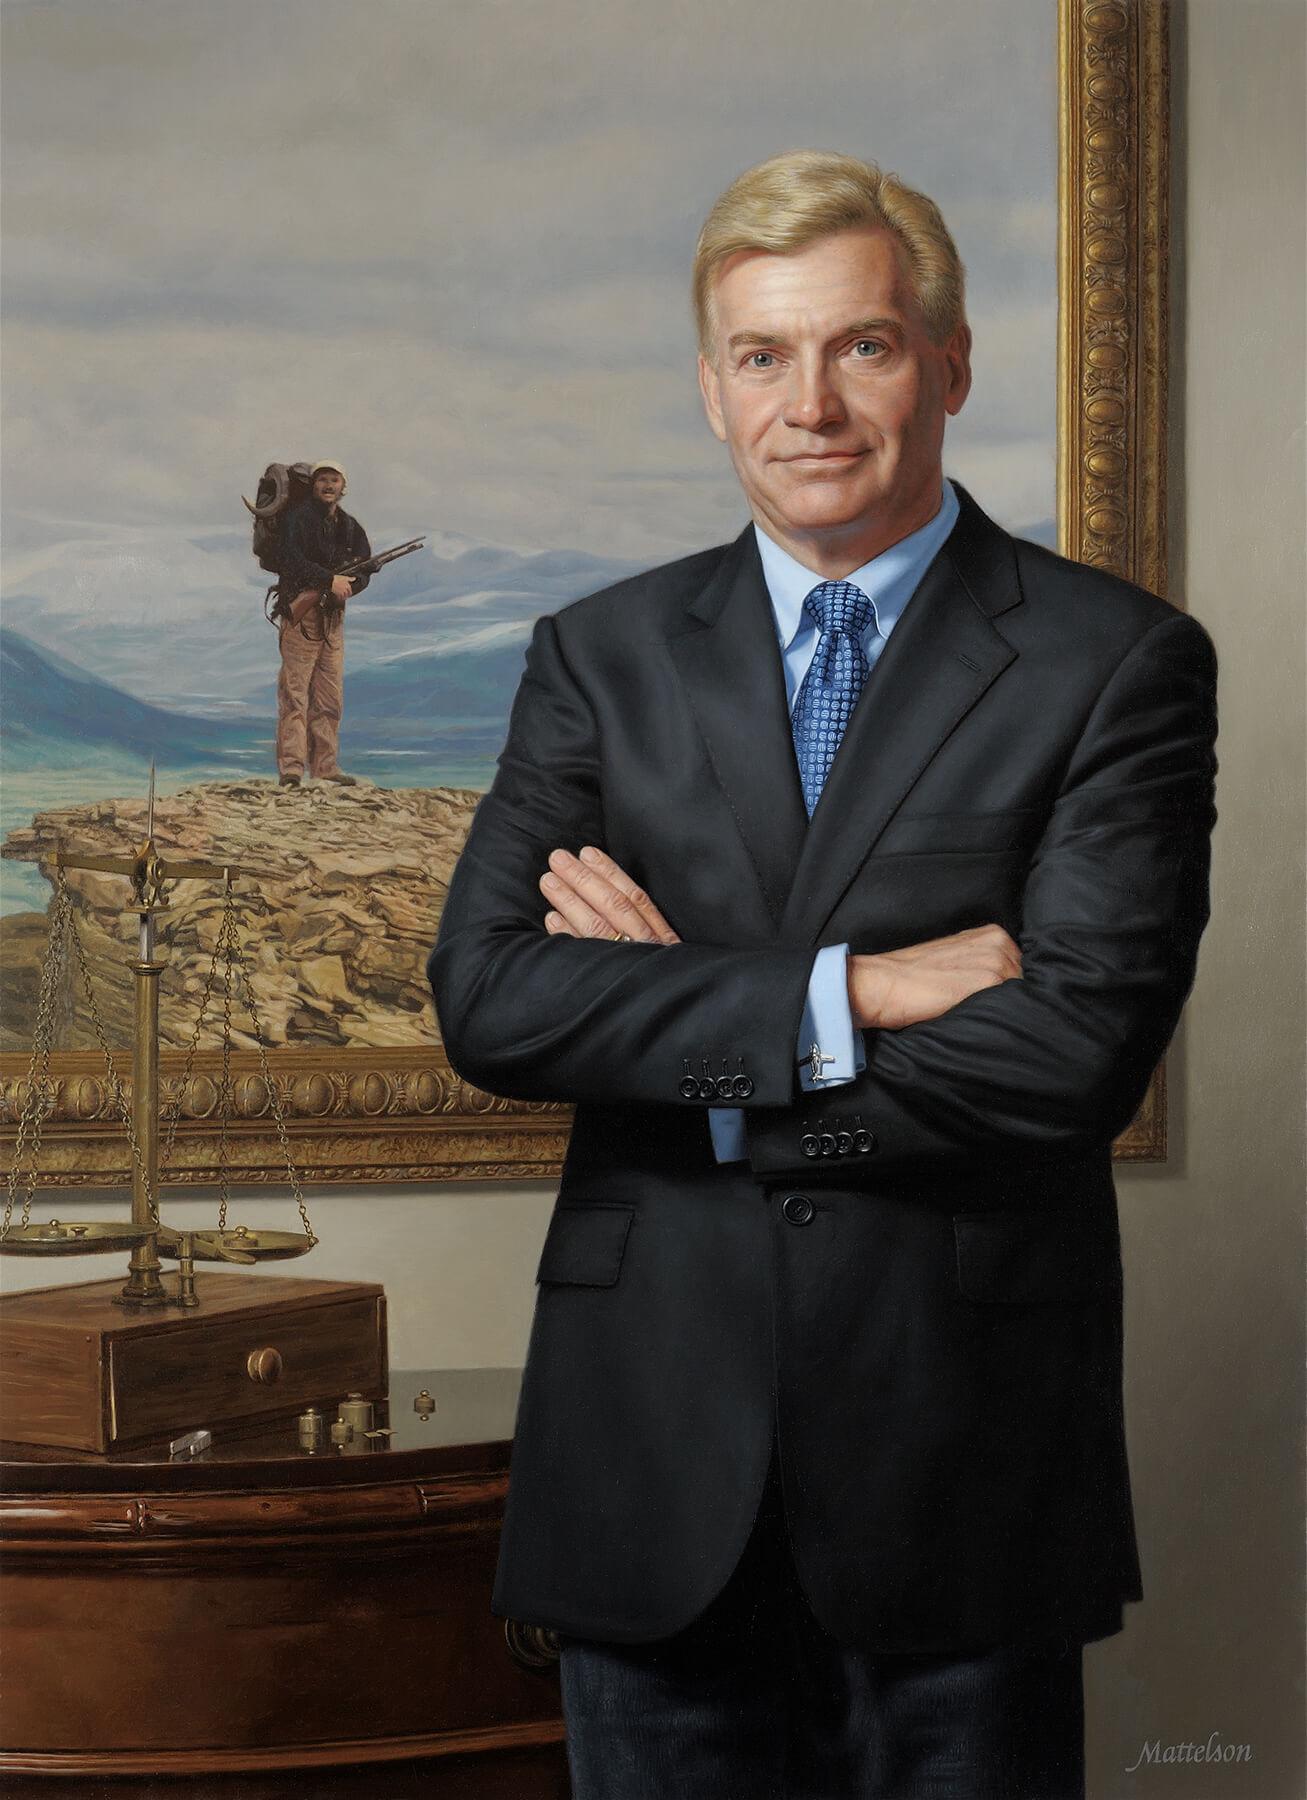 Executive Oil Portrait Painting Commission